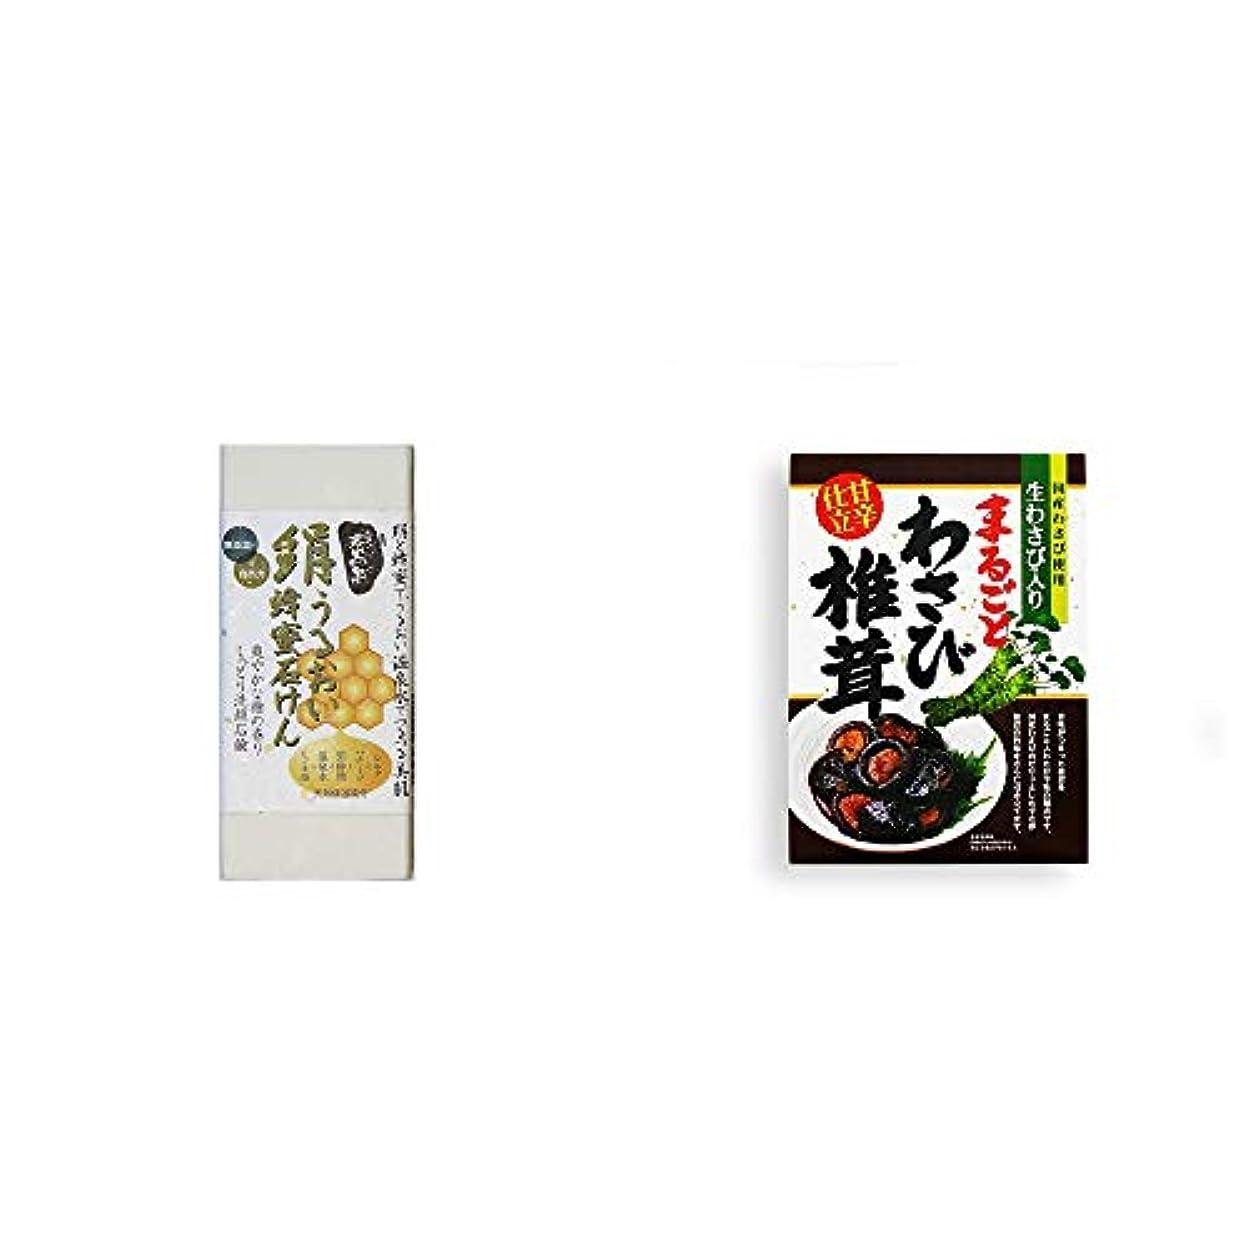 叫ぶ許可するお香[2点セット] ひのき炭黒泉 絹うるおい蜂蜜石けん(75g×2)?まるごとわさび椎茸(200g)